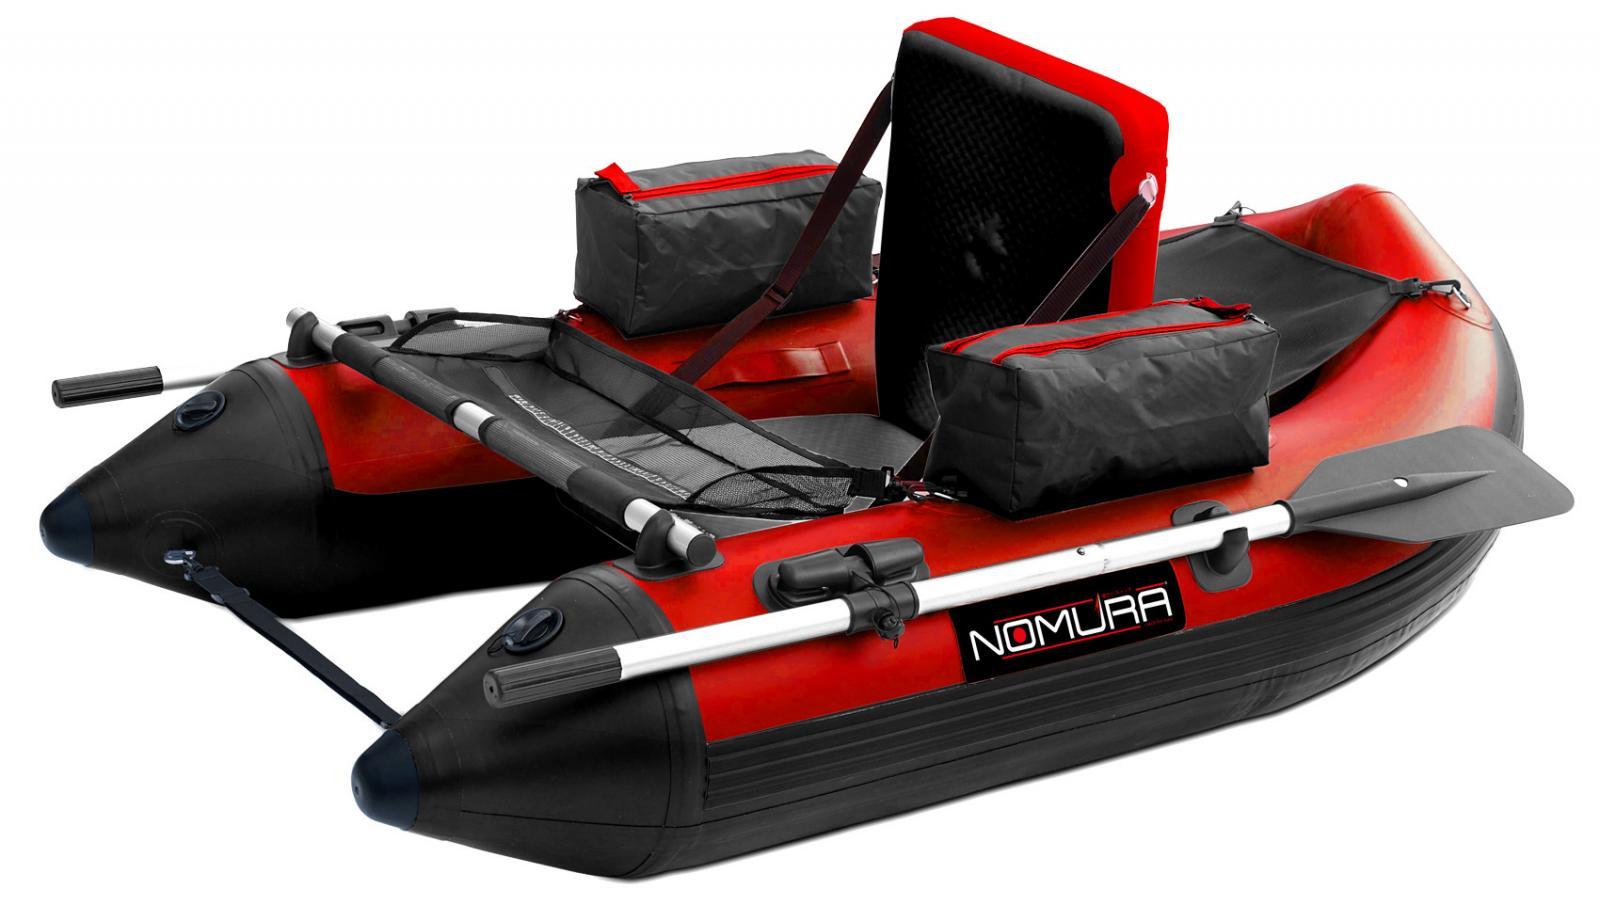 9502000 Porta canna universale regolabile per belly boat pesca bass PPG